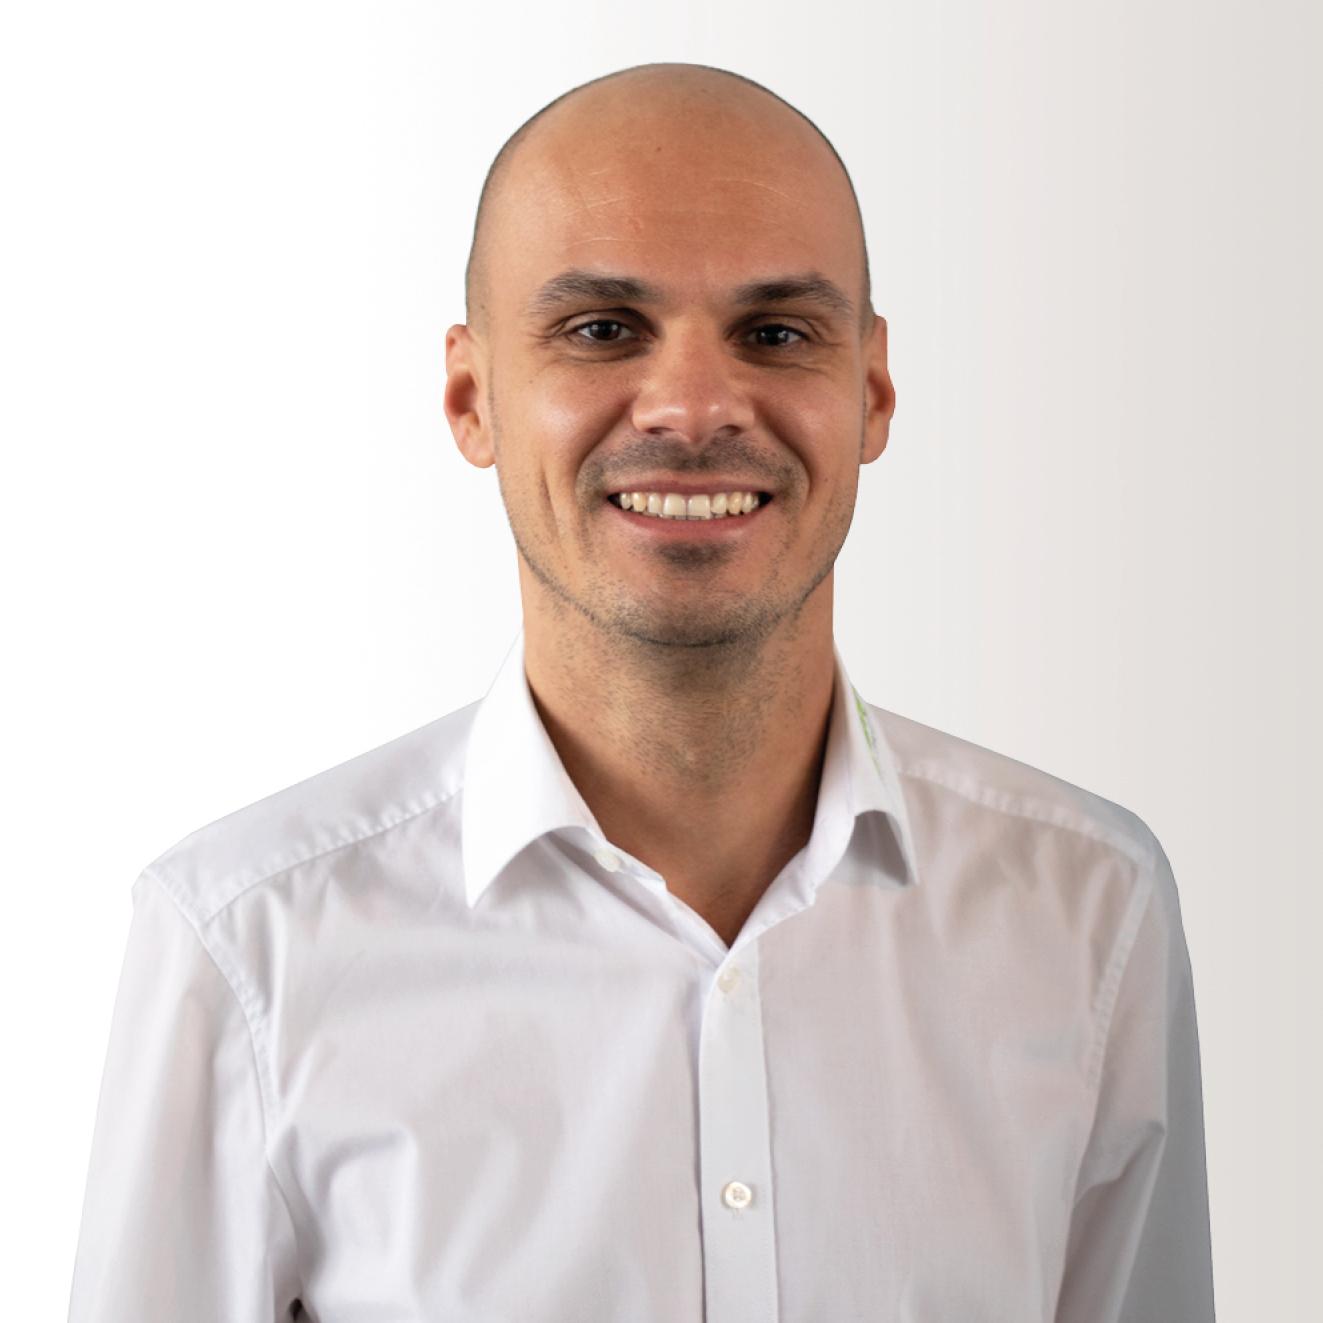 Andre Dieudonne